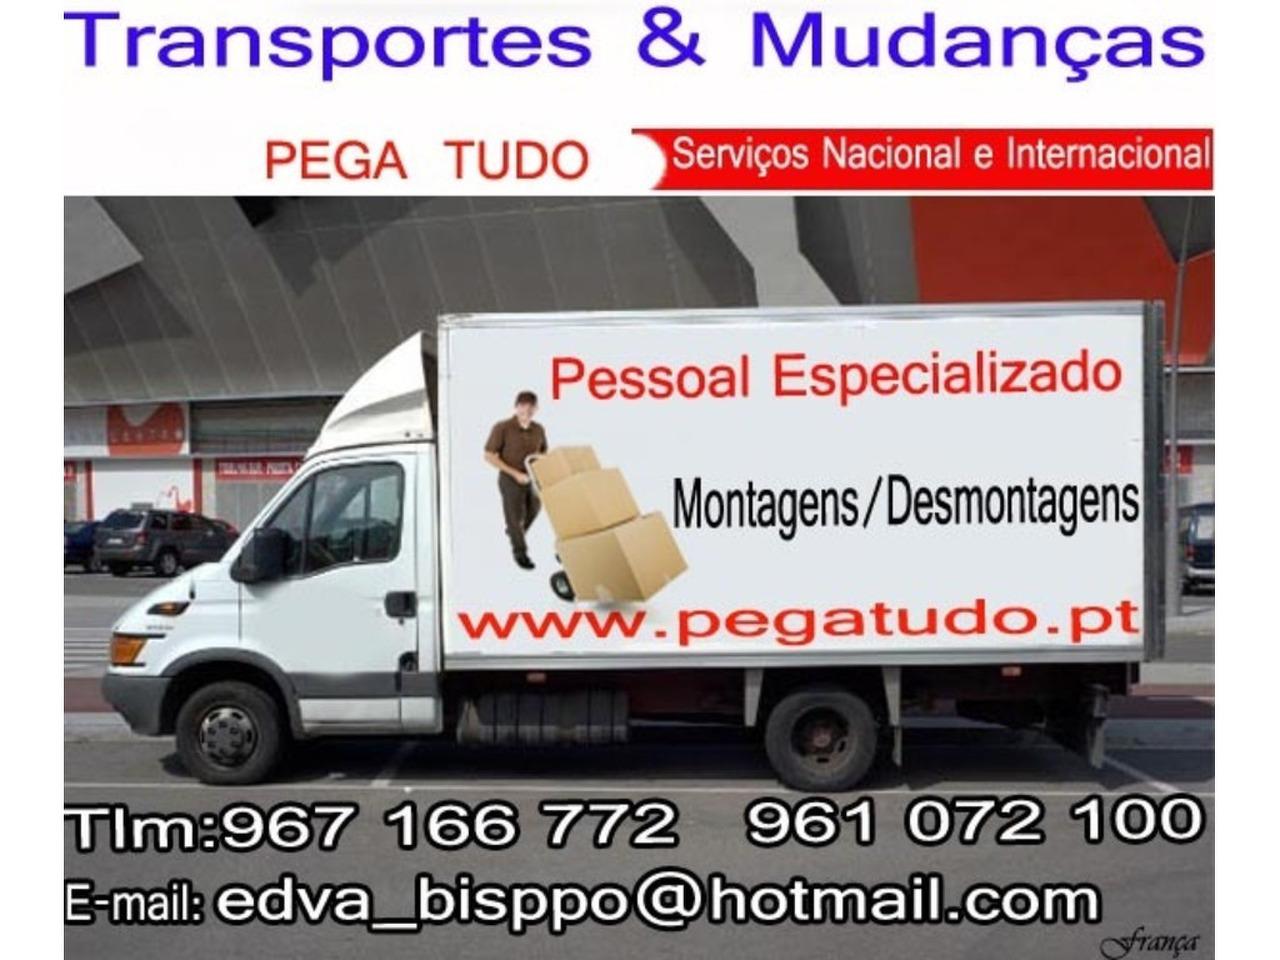 TRANSPORTES MUDANÇAS LISBOA ALGARVE - 4/5